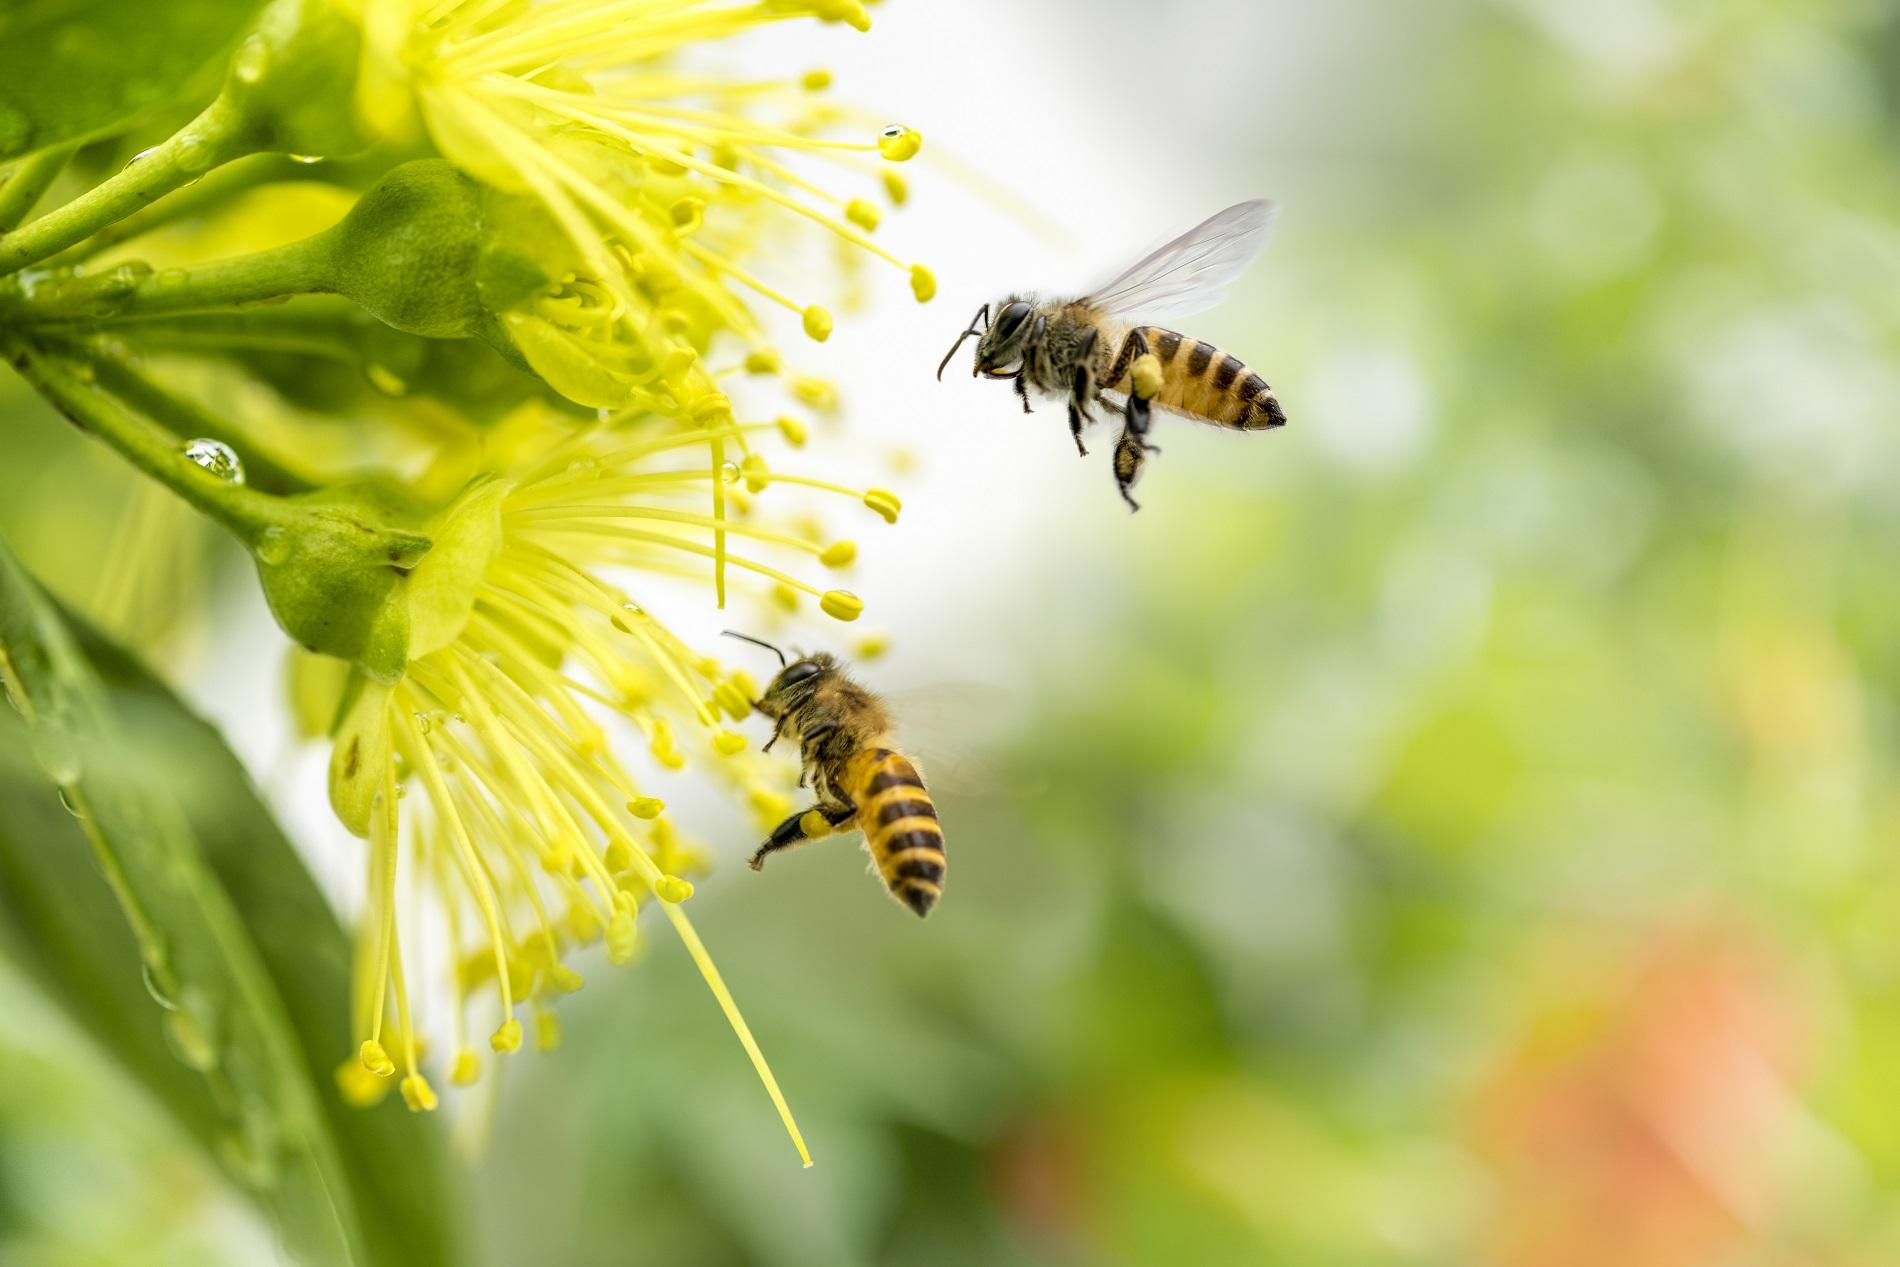 ¿Qué aportan los polinizadores a la conservación y desarrollo de huertos y jardines?